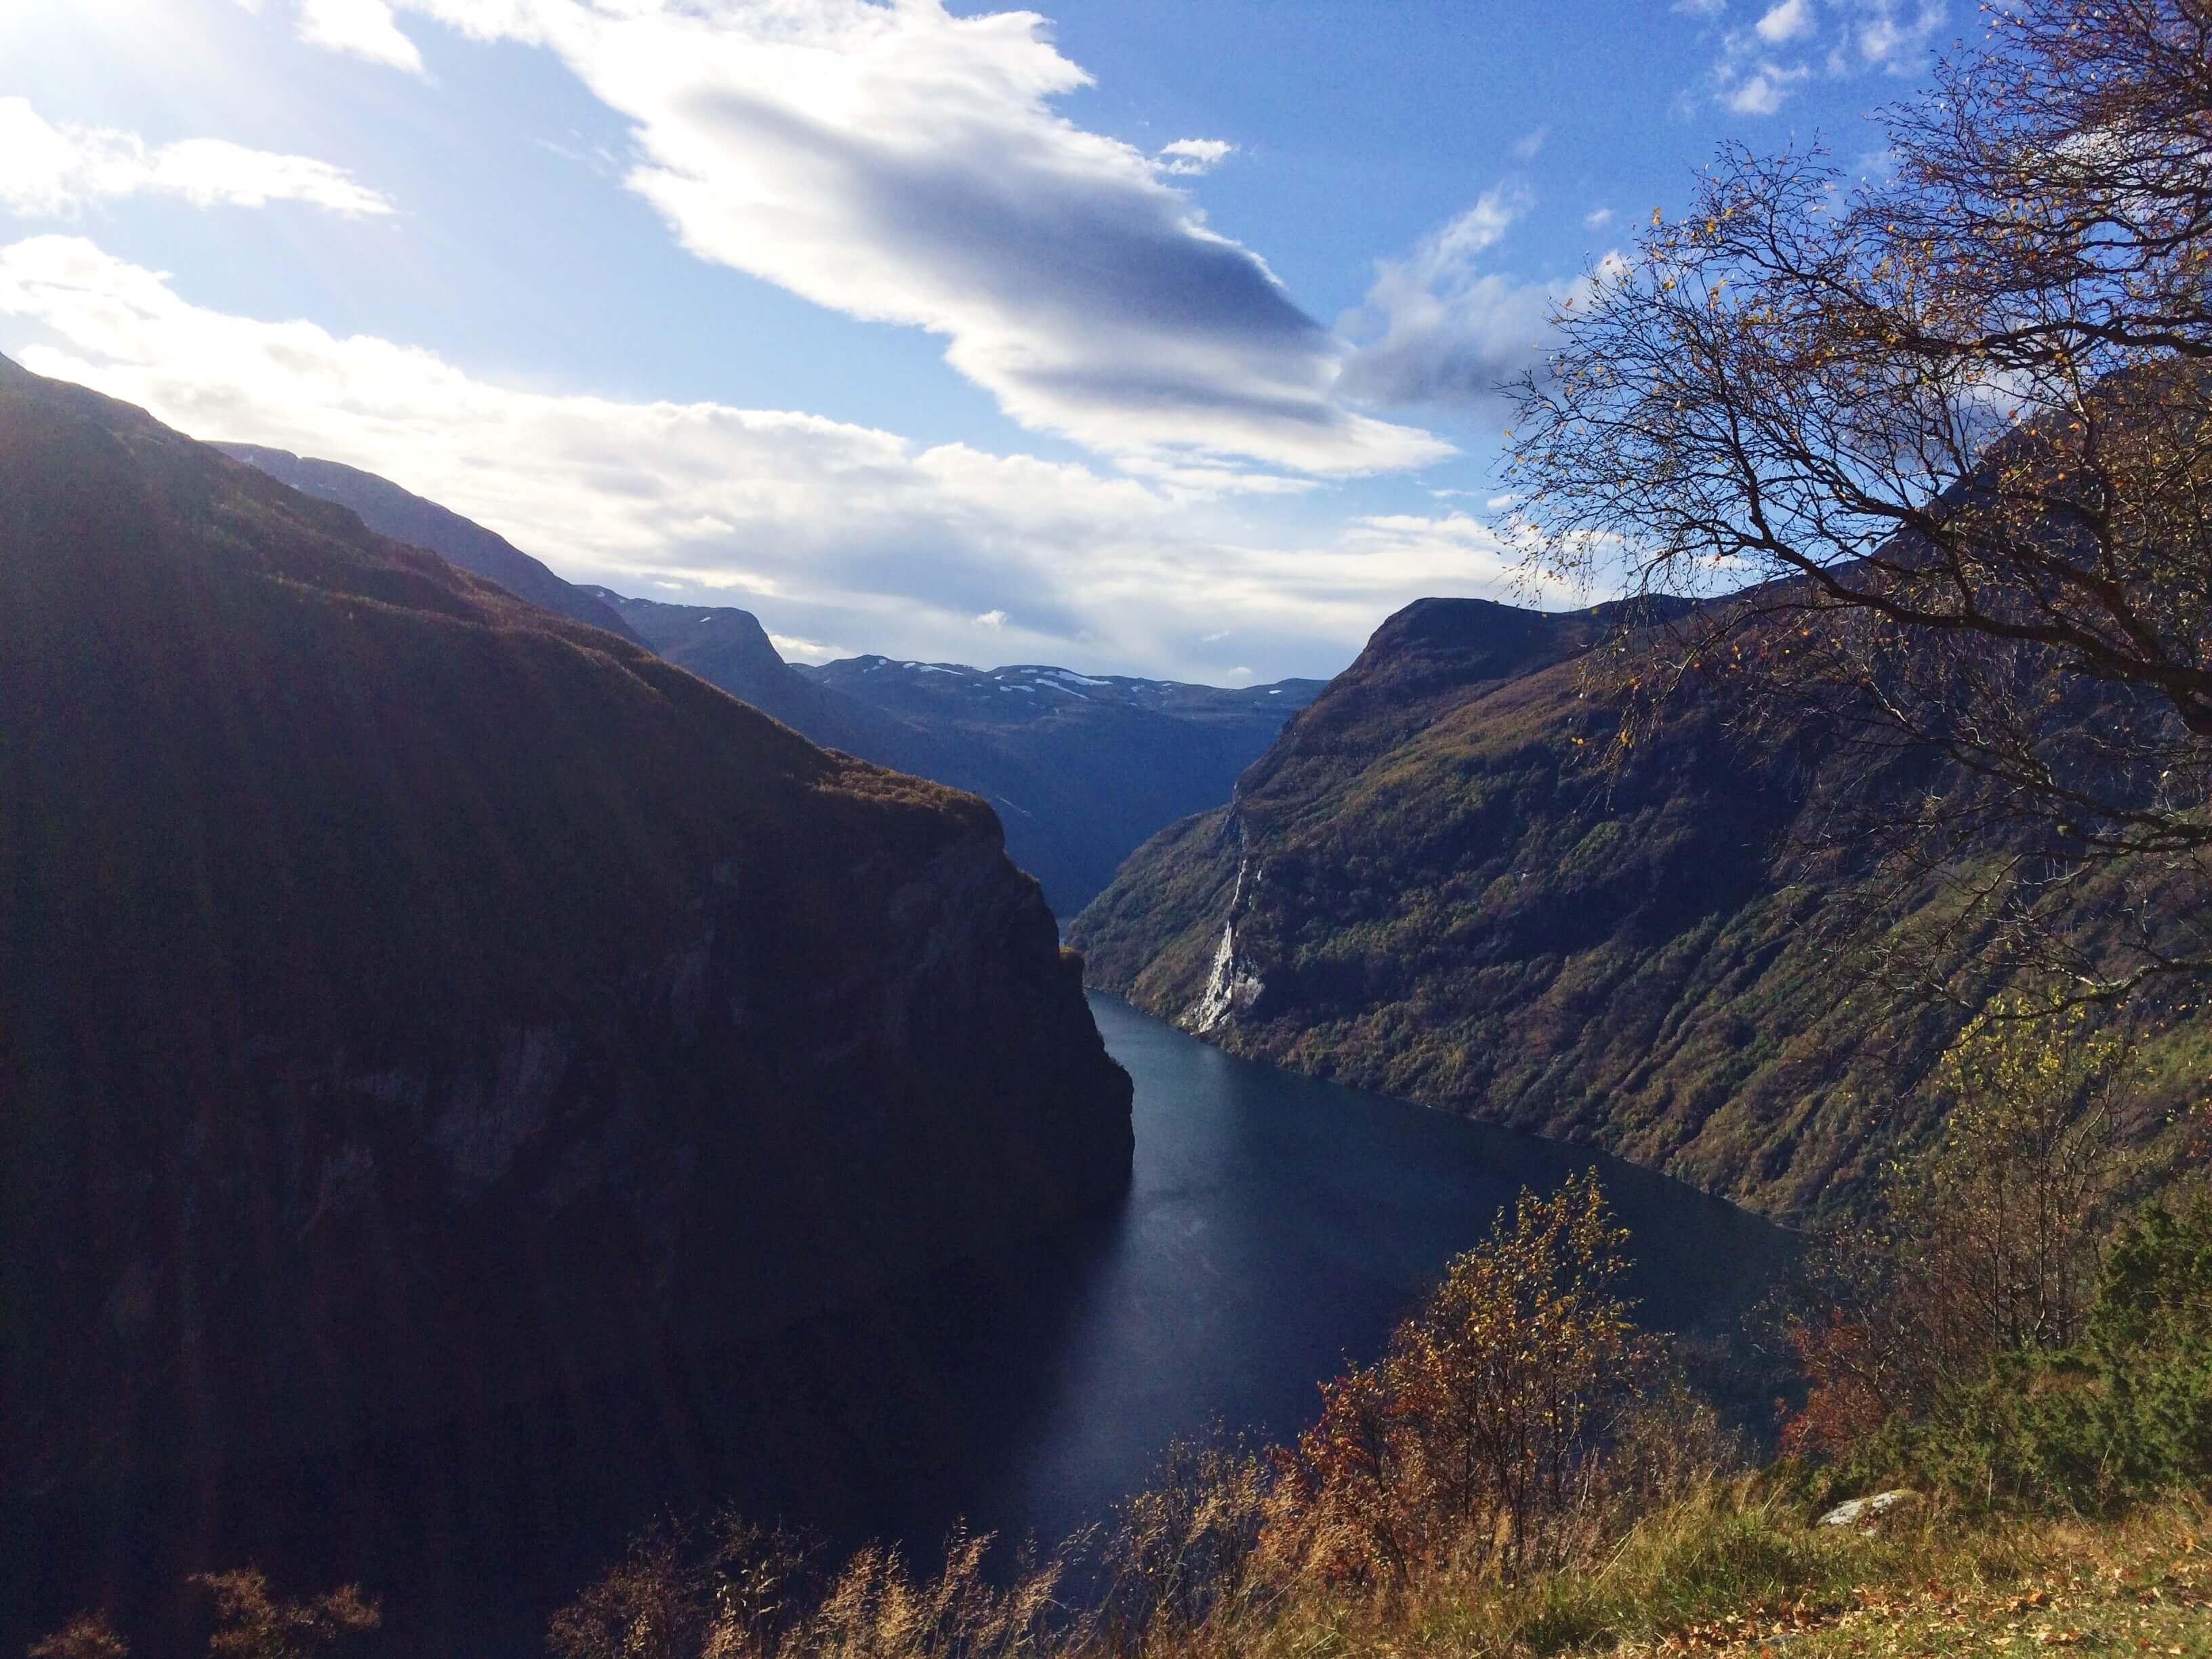 Geiranger seen from 'Ørnesvingen'. Image credit: Stine Ødegård